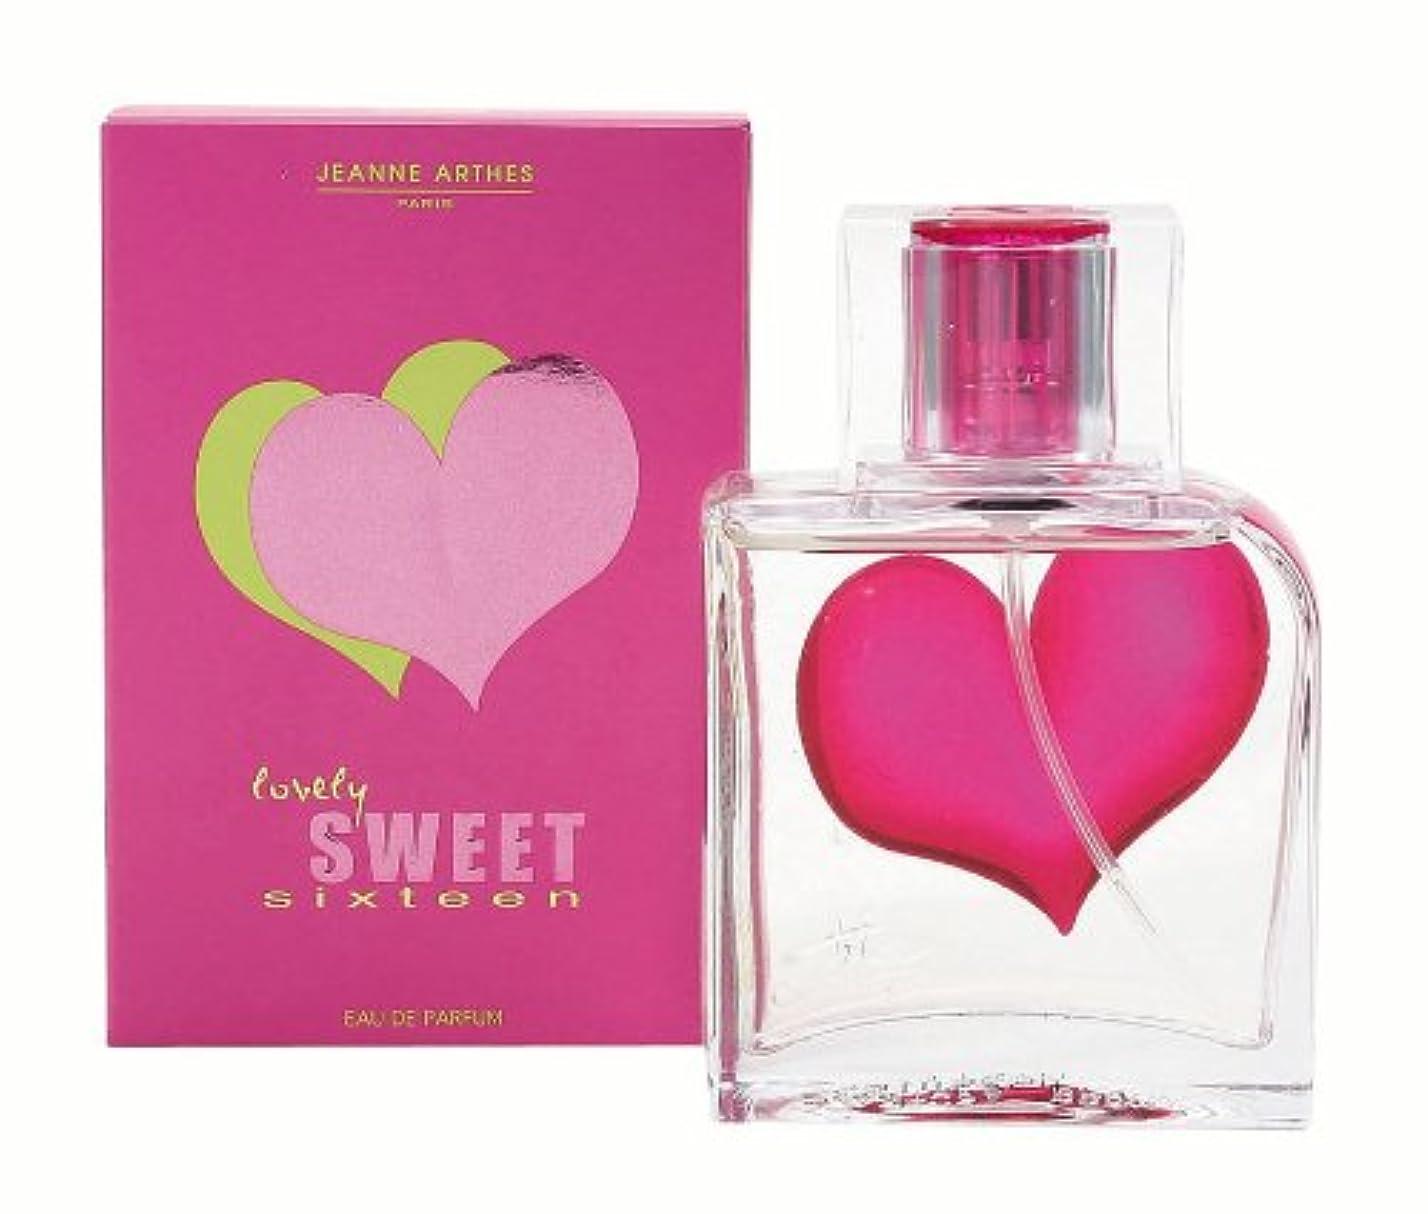 贅沢援助戦略ラブリースウィート ジャンヌアルテス 16 50ML レディース ジャンヌ アルテス 女性用香水 (並行輸入品)